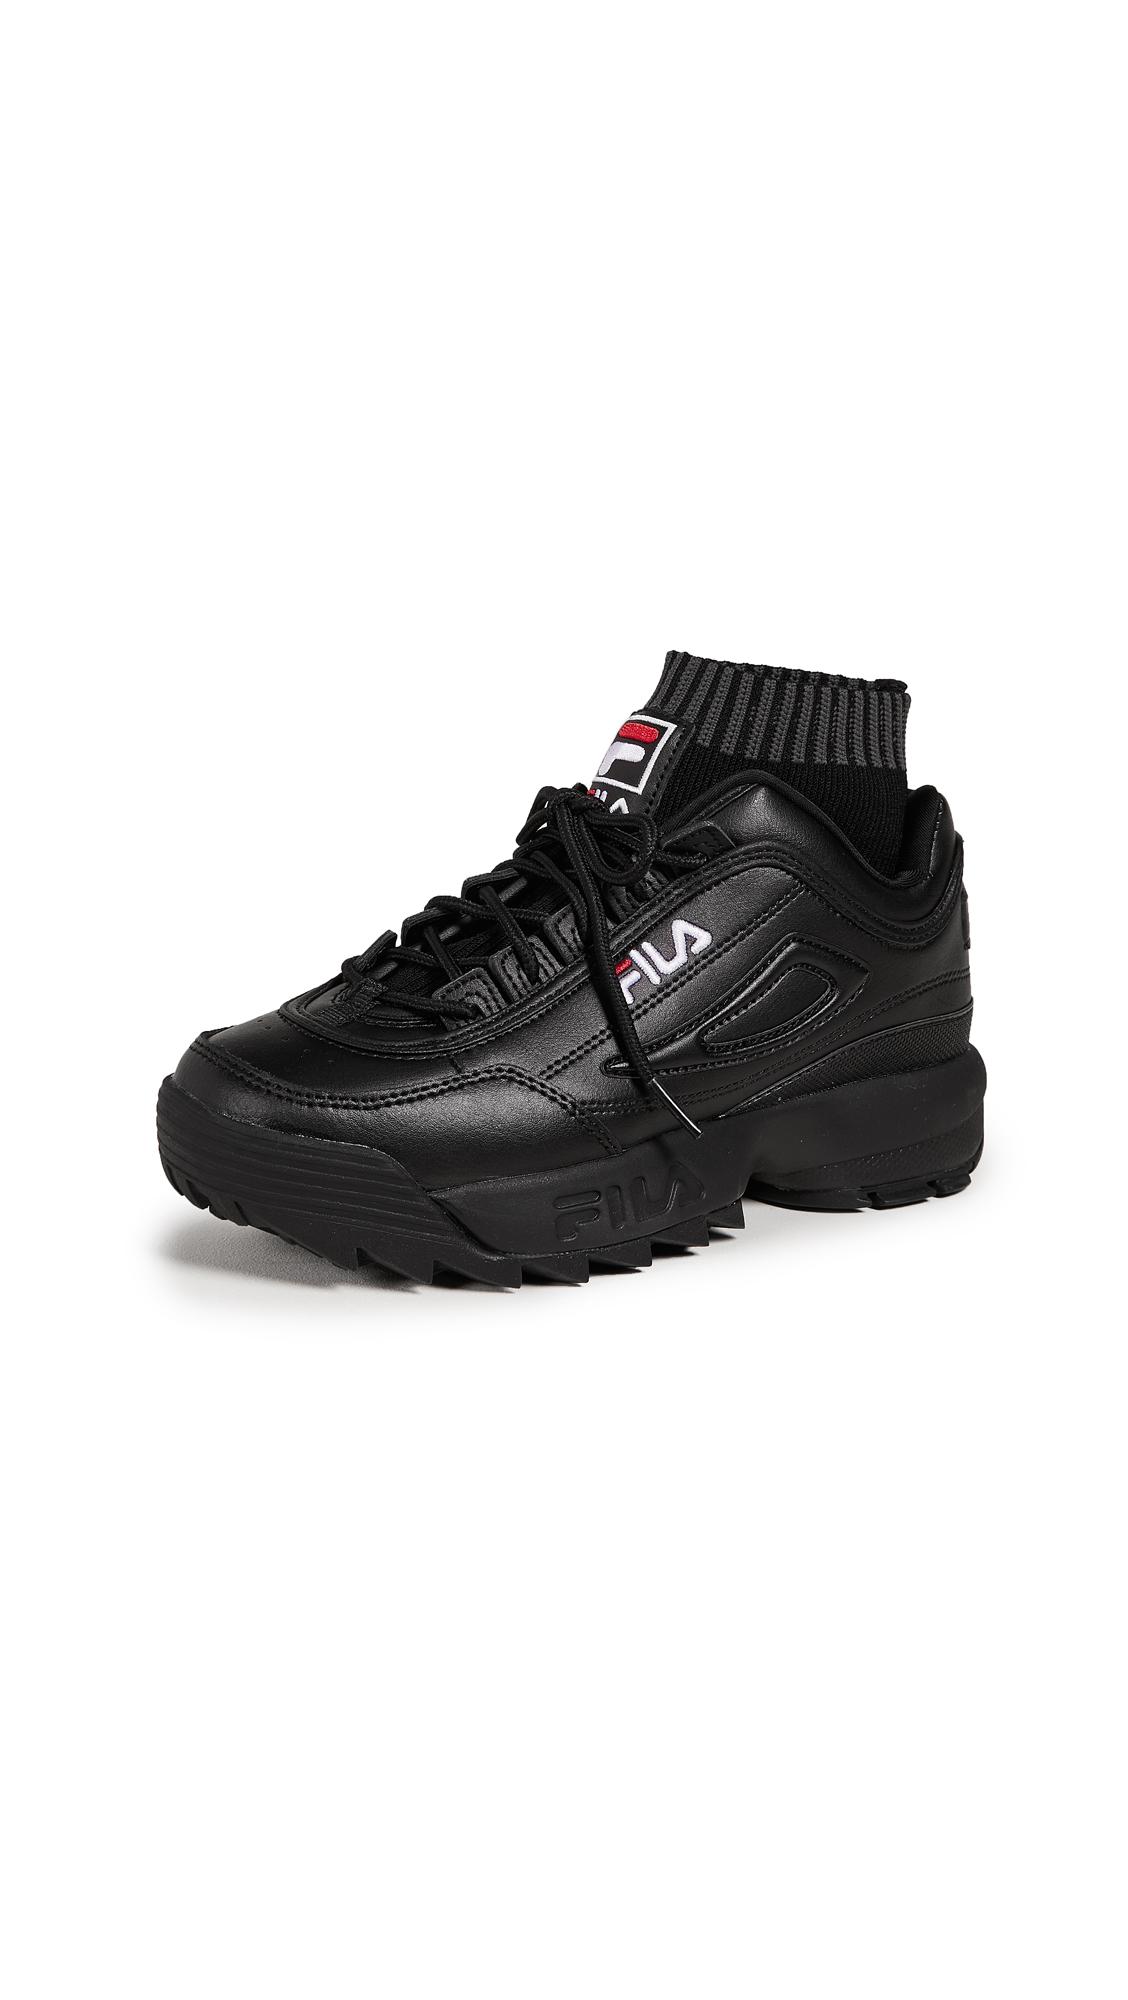 Fila Disruptor Evo Sockfit Sneakers - Black/White/Fila Red